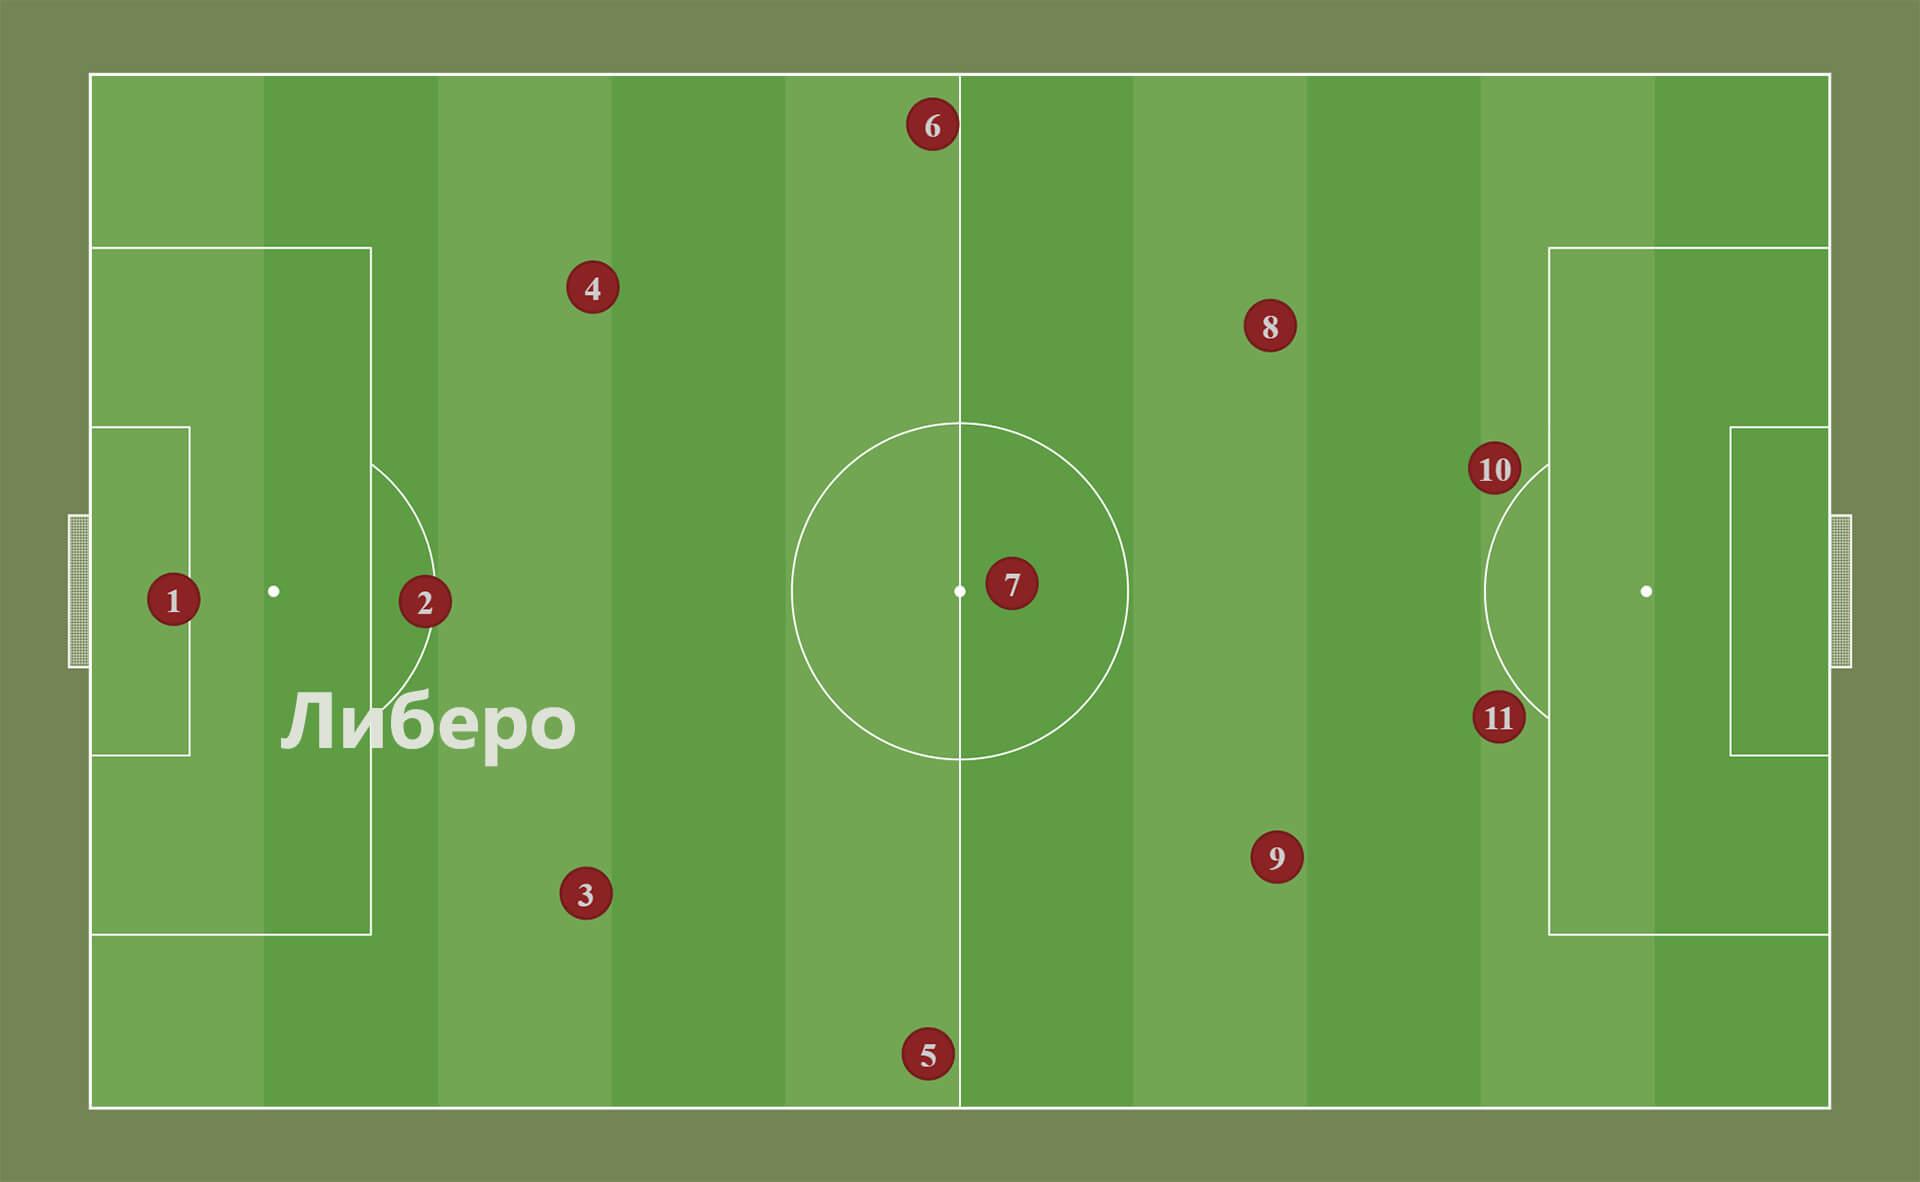 Либеро в футболе: схема.